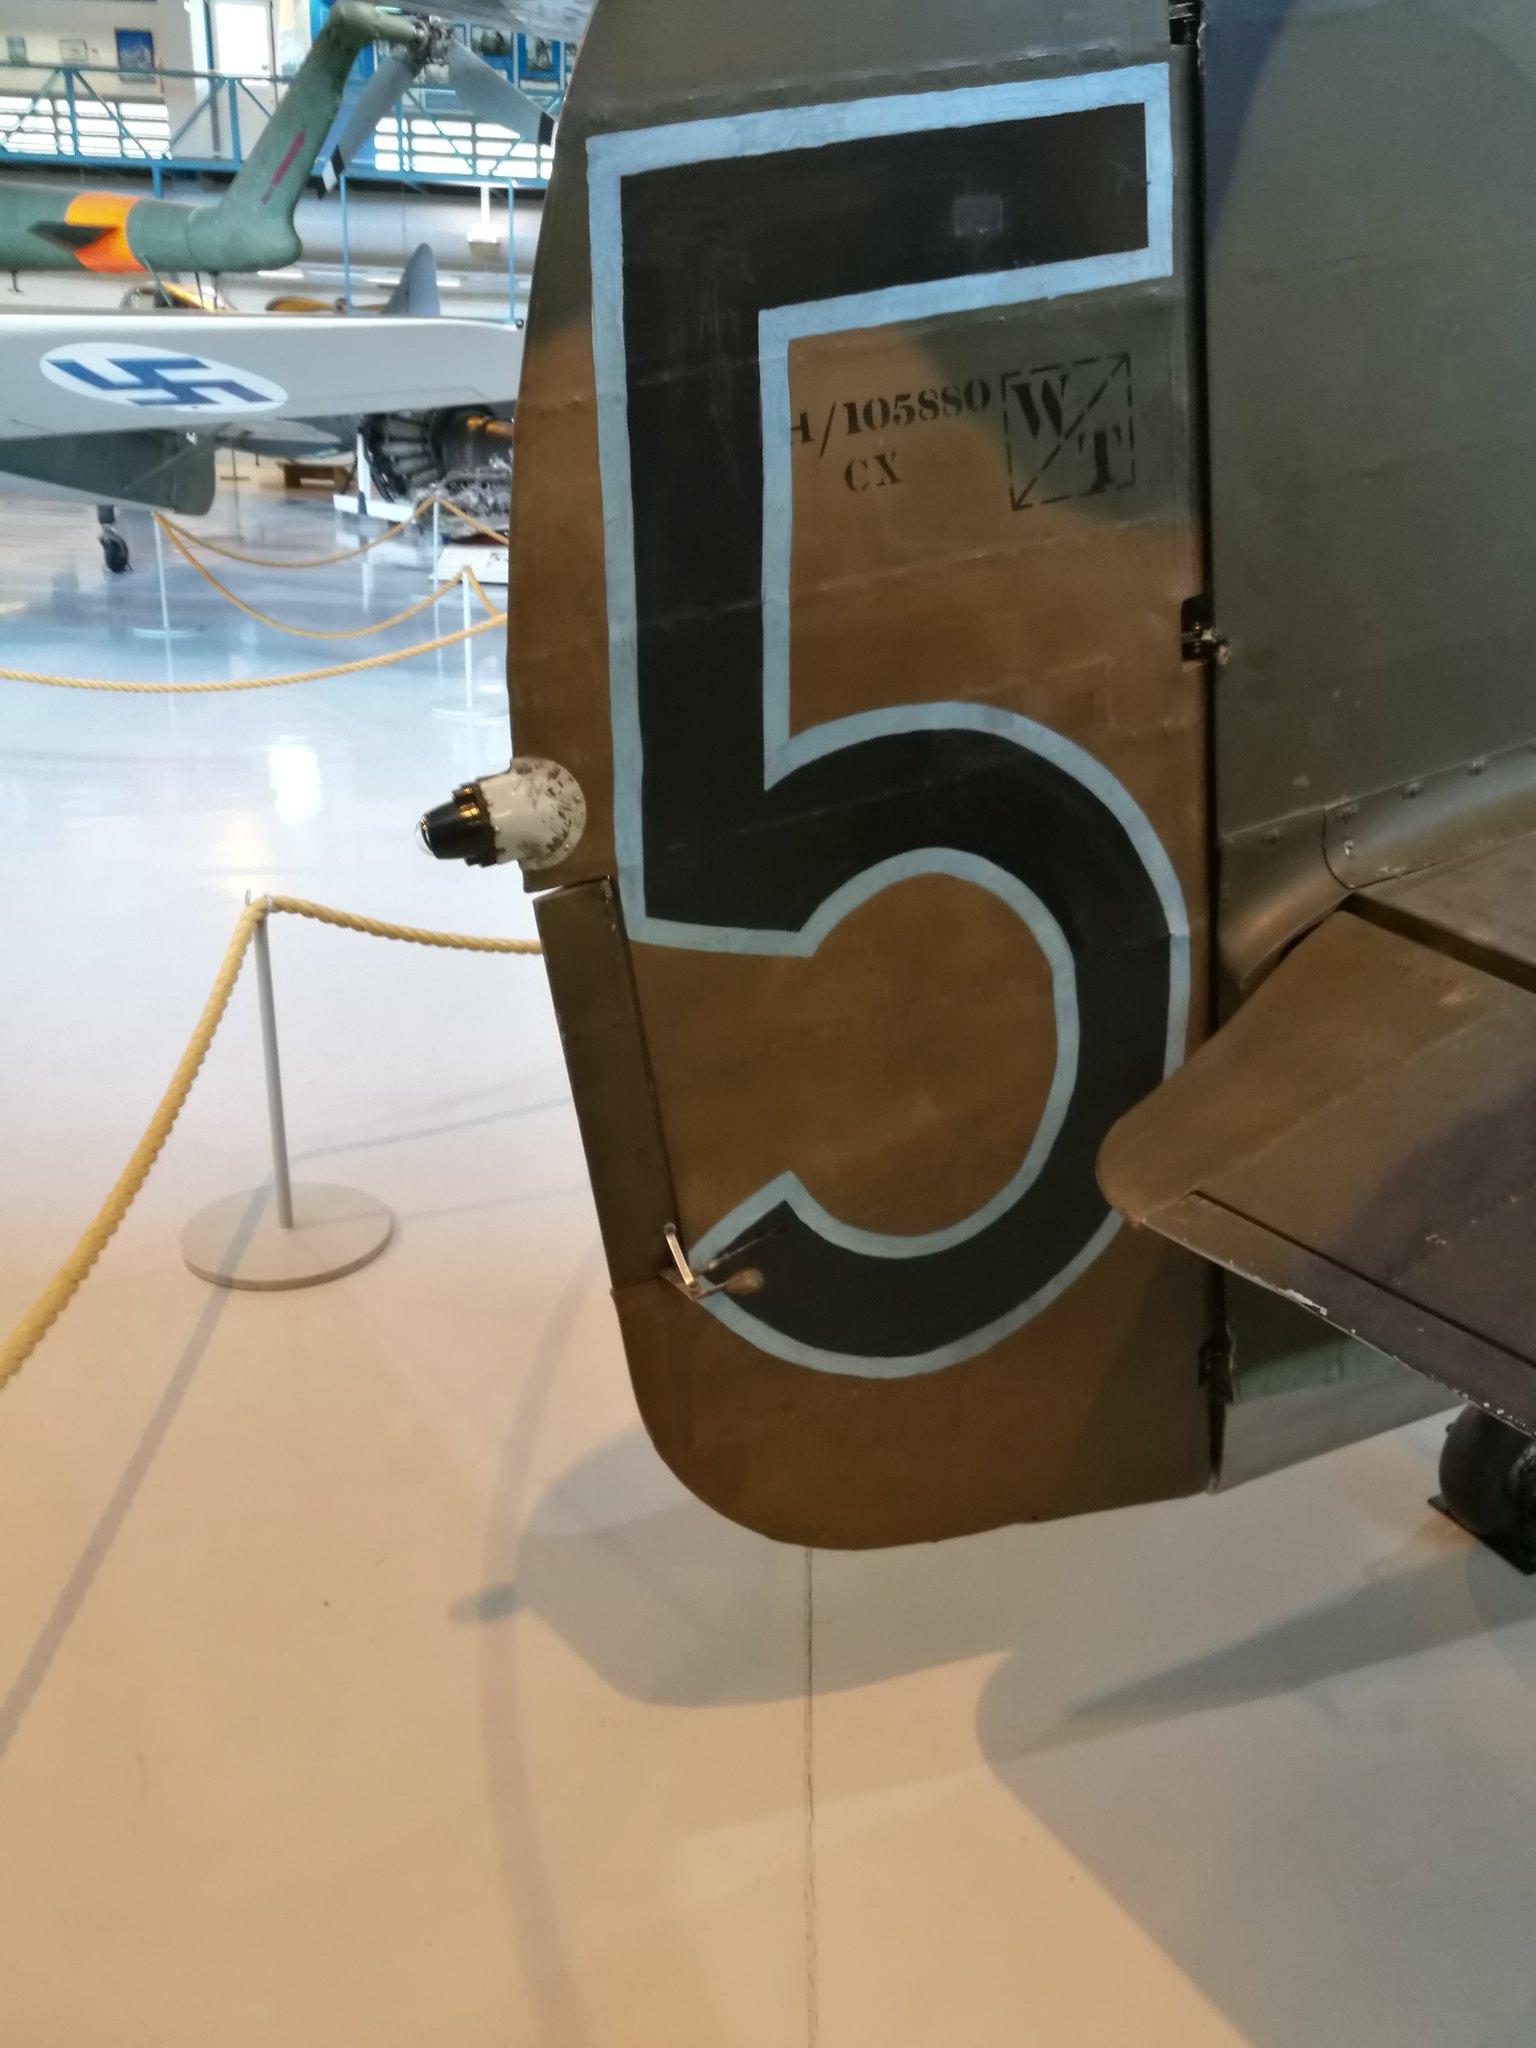 Hemkommen från semester i Finland med utflykt till Finlands Flygvapenmuseum. 48287385256_636c8cff61_k